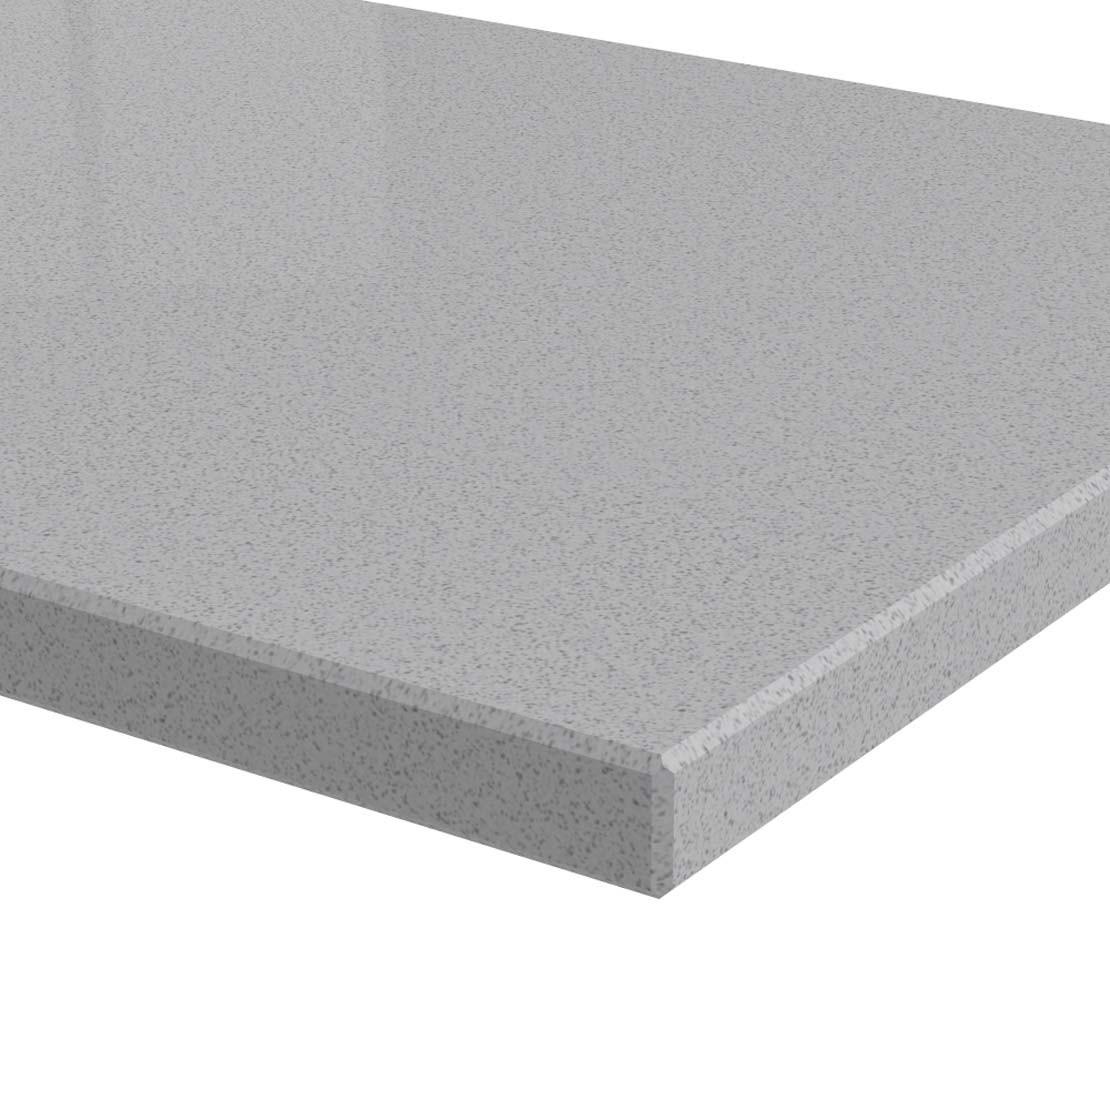 Blad 20mm dik Dolphin Grey kwartscomposiet (velvet)